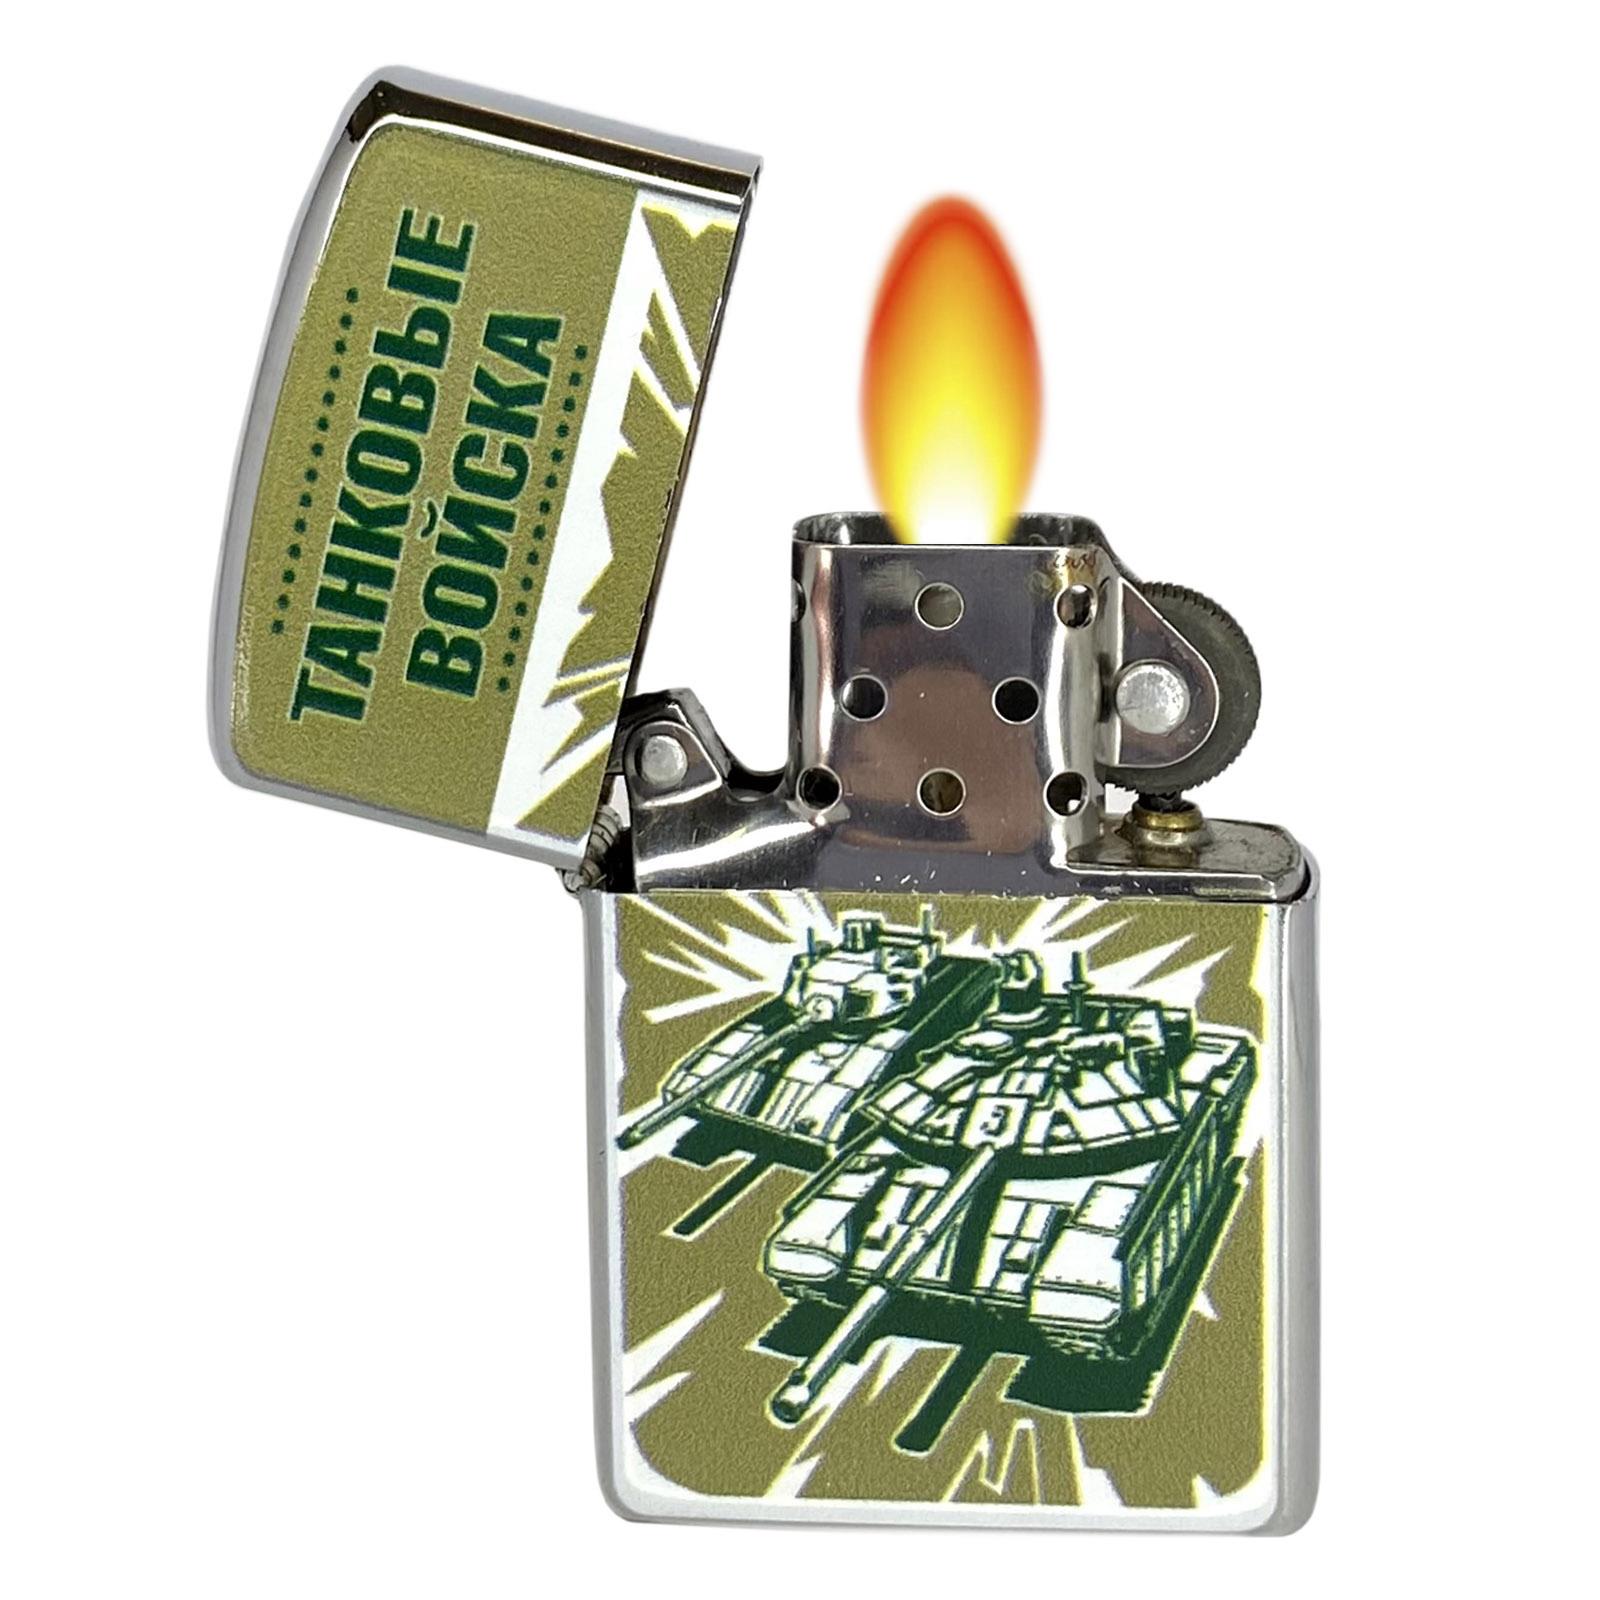 Выгодно купить бензиновую зажигалку в подарок танкисту